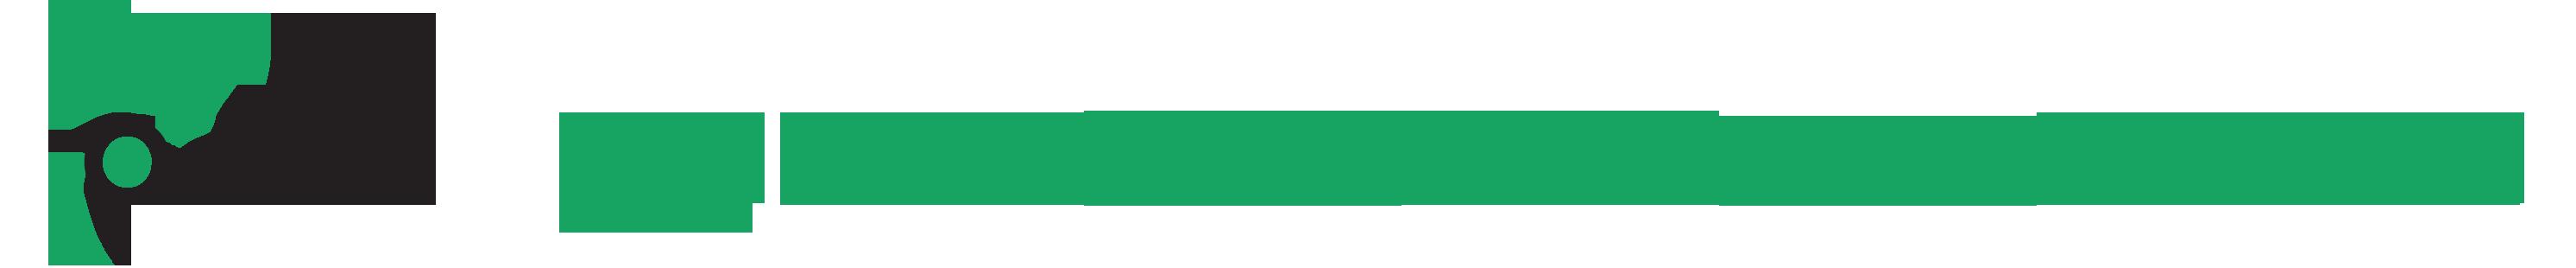 Gjellerodde Odden Cafeteria & Mini Marked | Frokost og Grill